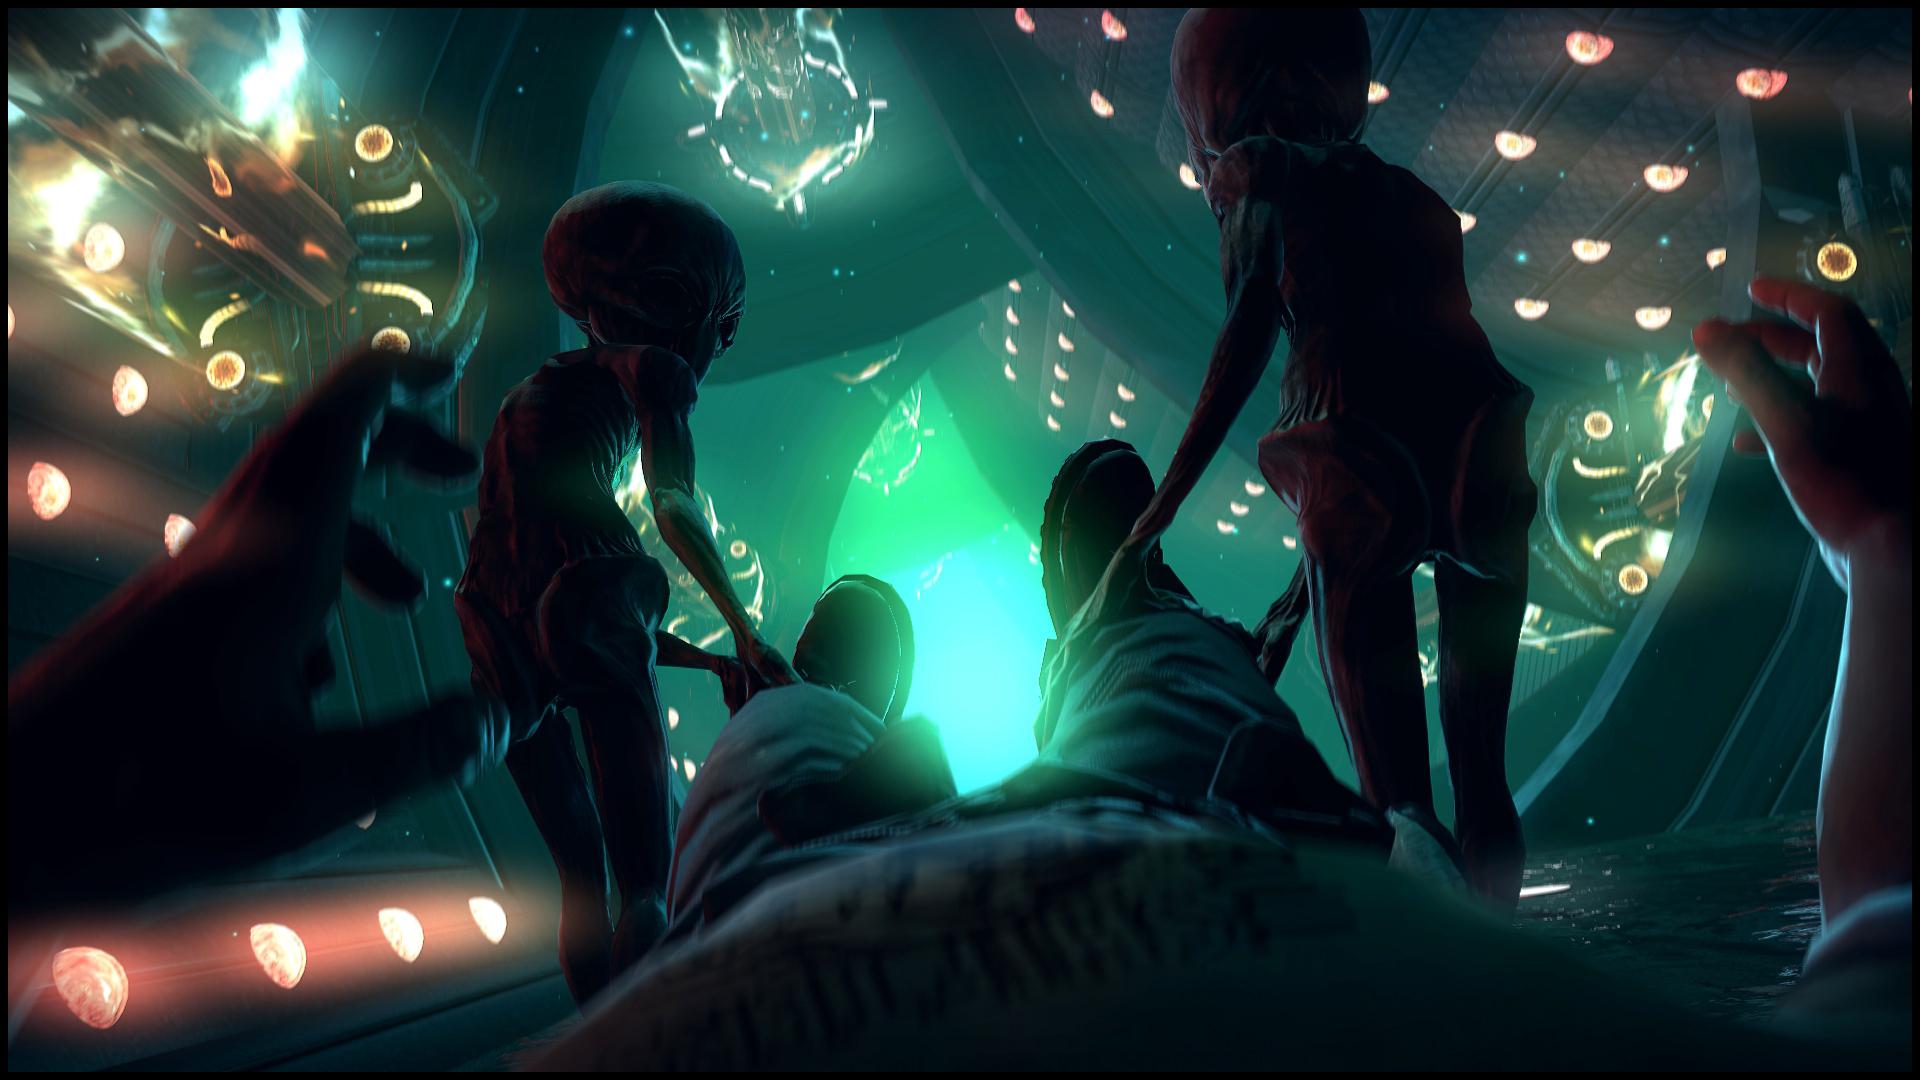 Supernatural beings Aliens alien dark spaceship wallpaper ...